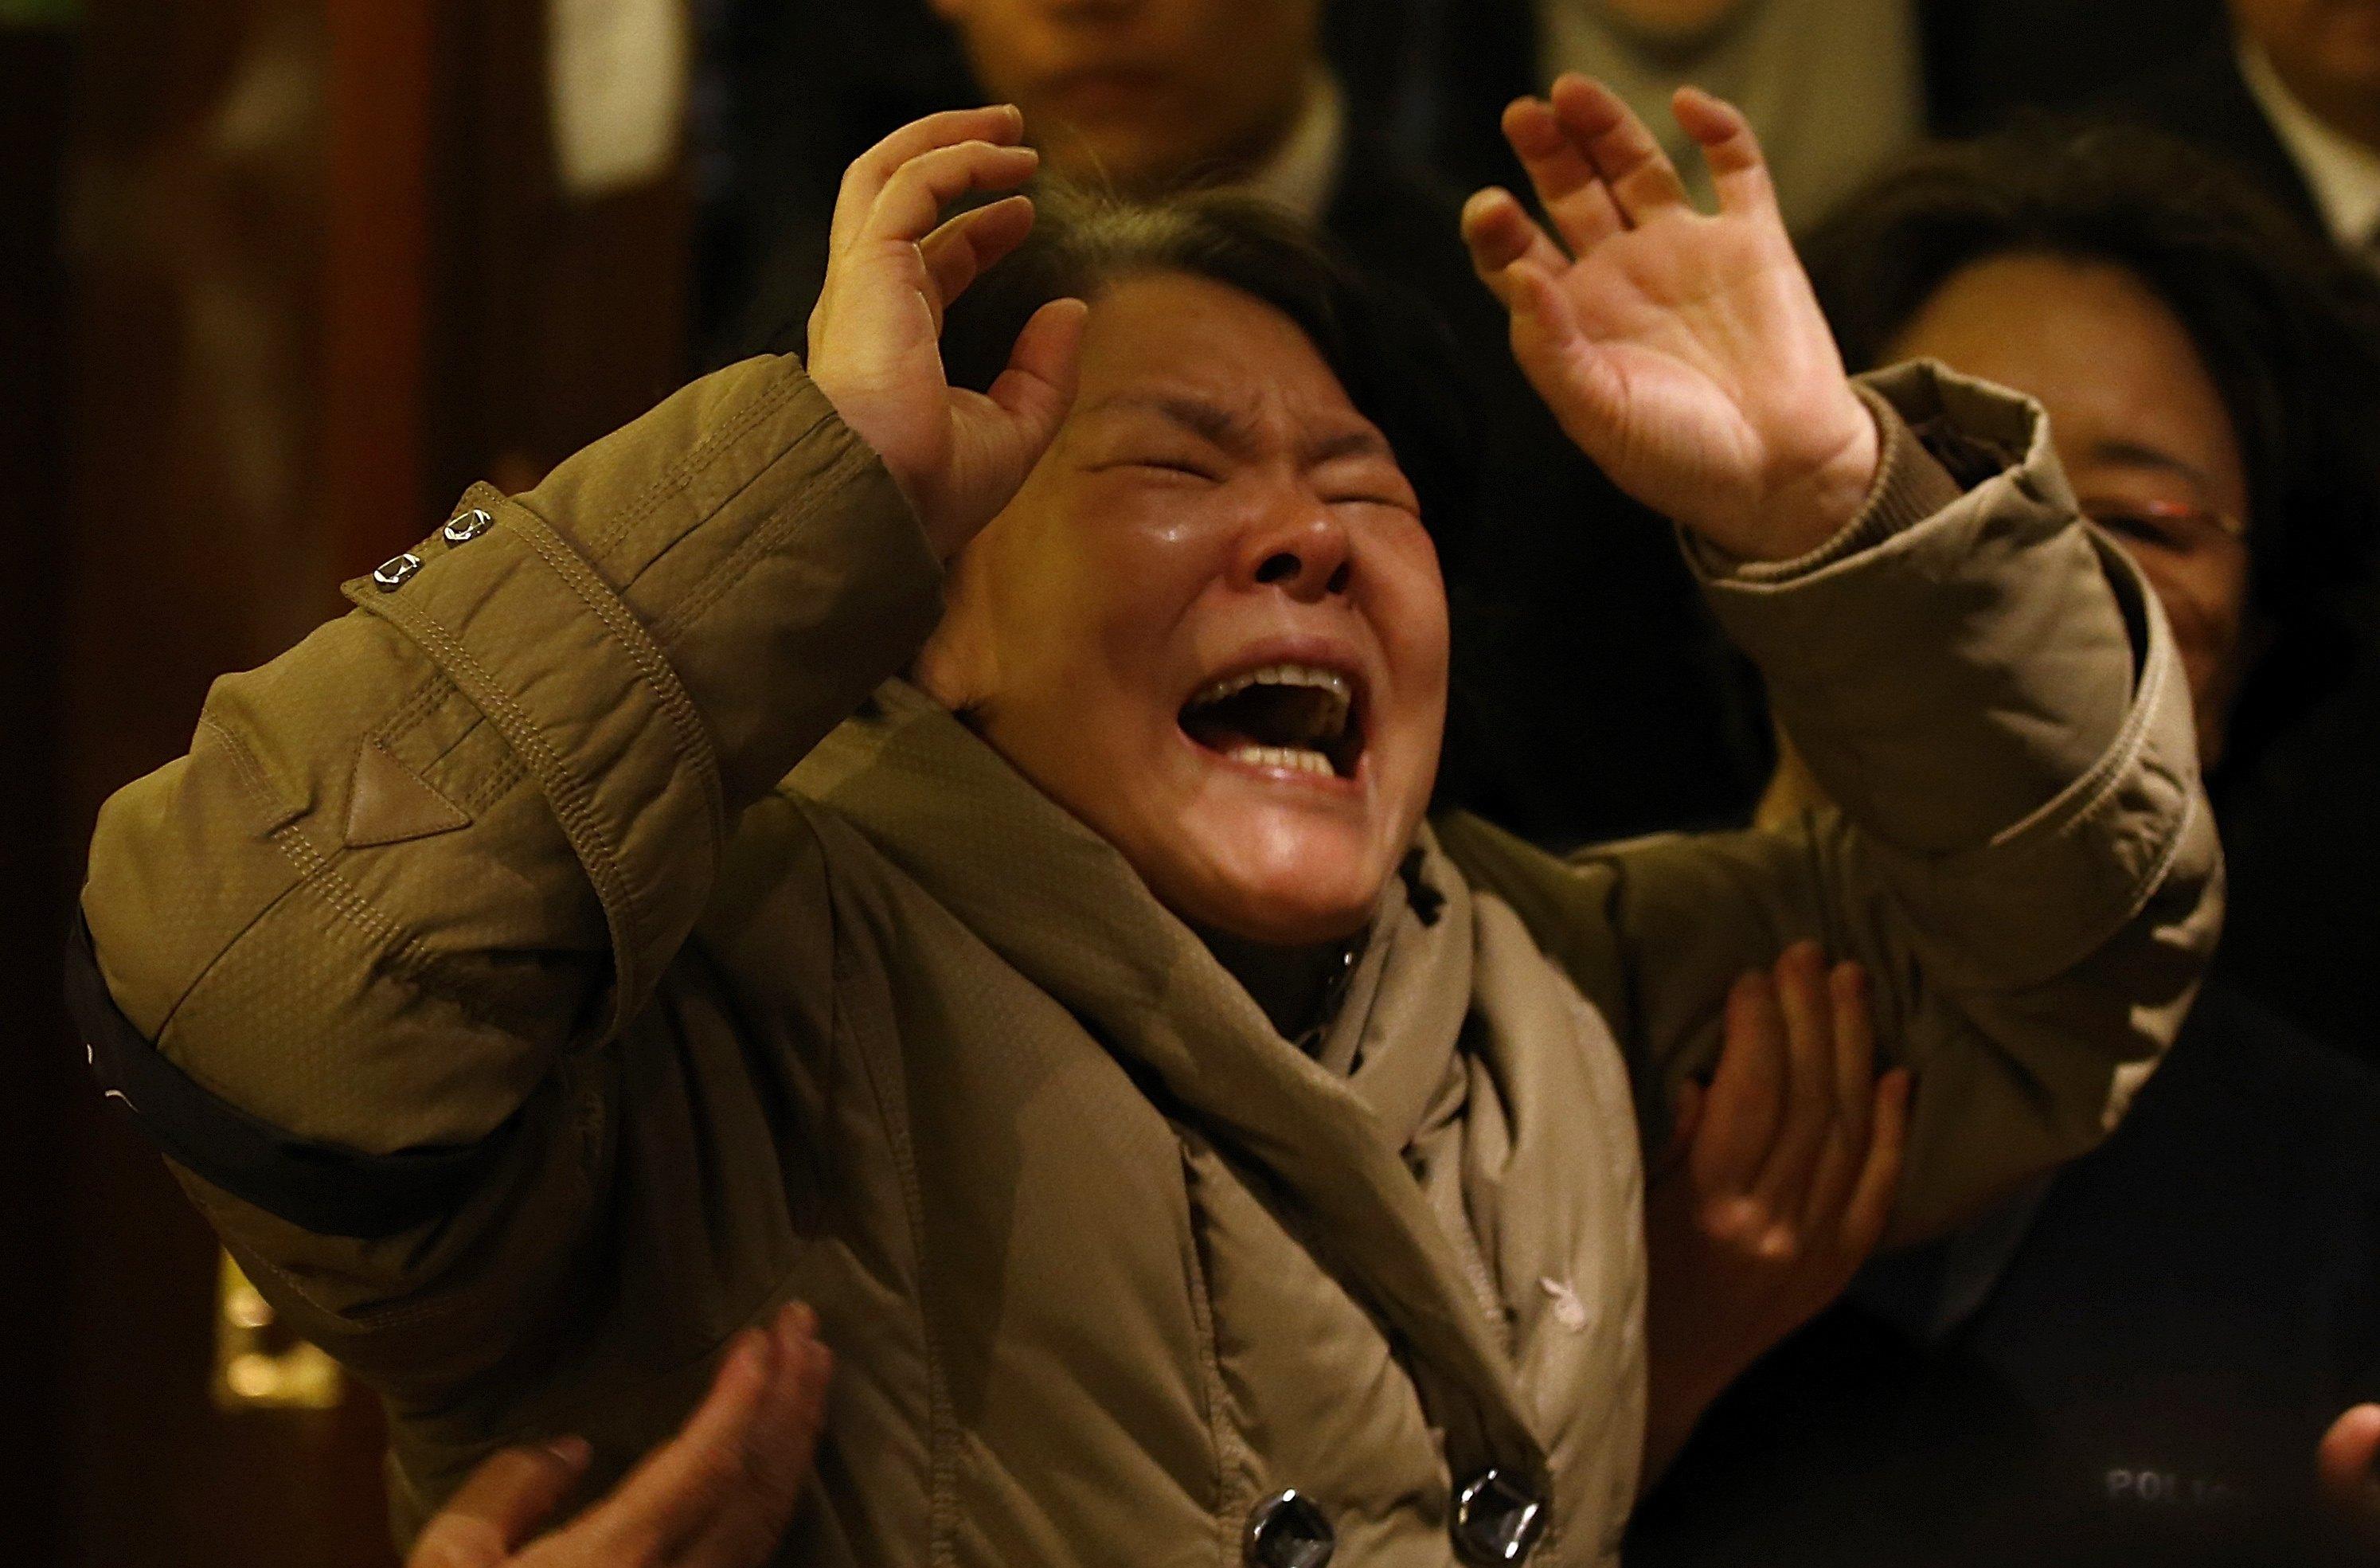 Parente de passageiro que estava a bordo do Malaysia Airlines chora após receber a notícia de que a aeronave caiu no Oceano Índico | Kim Kyung-Hoon/ Reuters